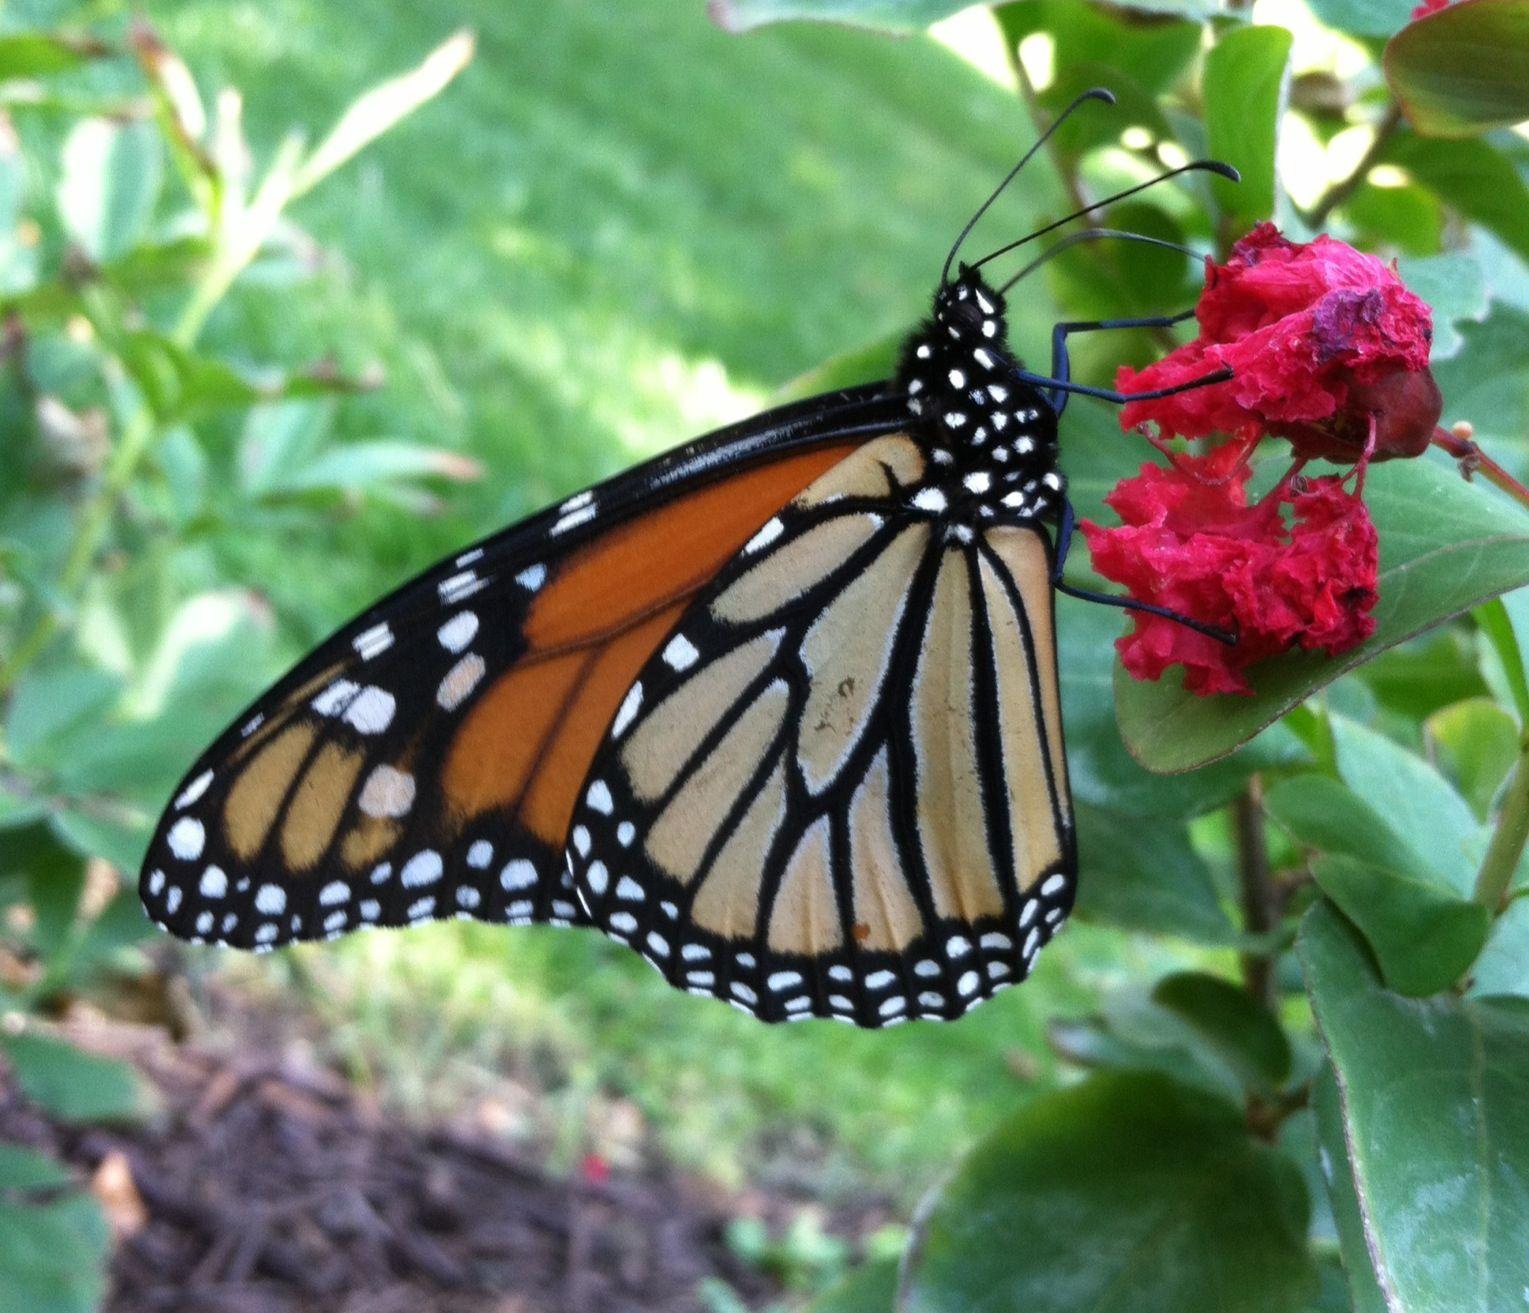 Monarch on Crepe Myrtle                               Photo by CS Lent